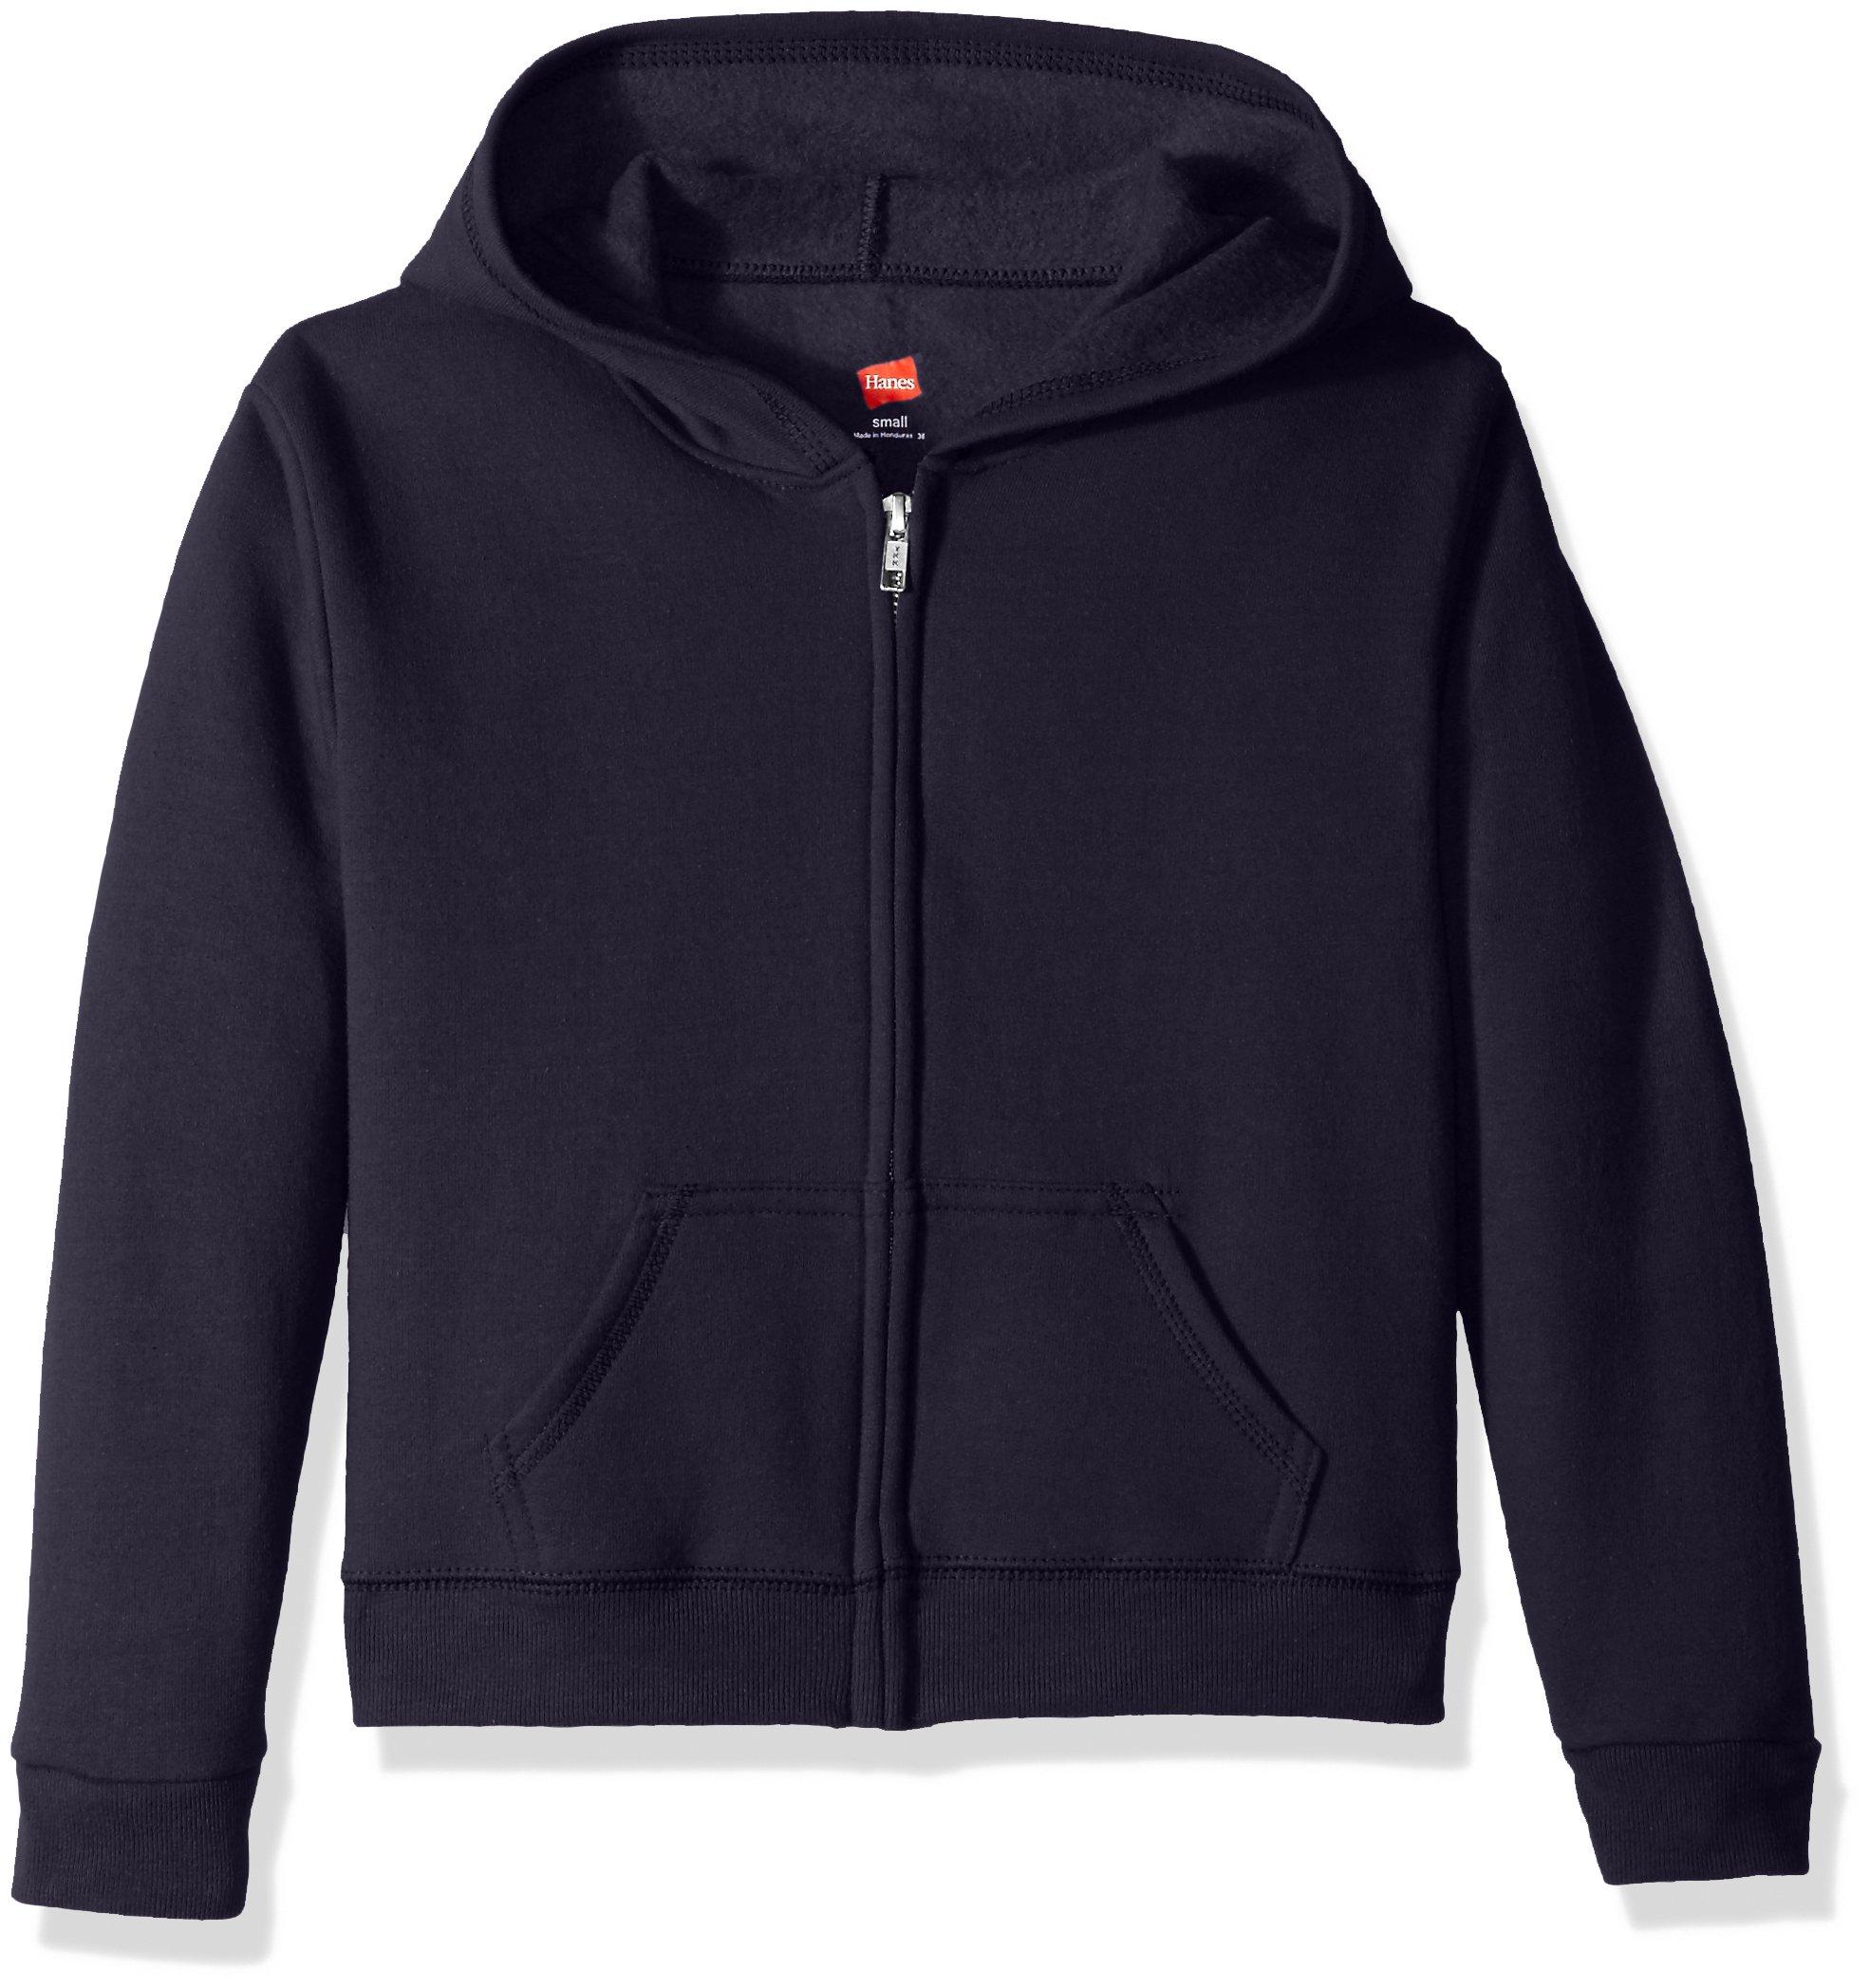 Hanes Big Girls' ComfortSoft EcoSmart Full-Zip Fleece Hoodie, Navy, M